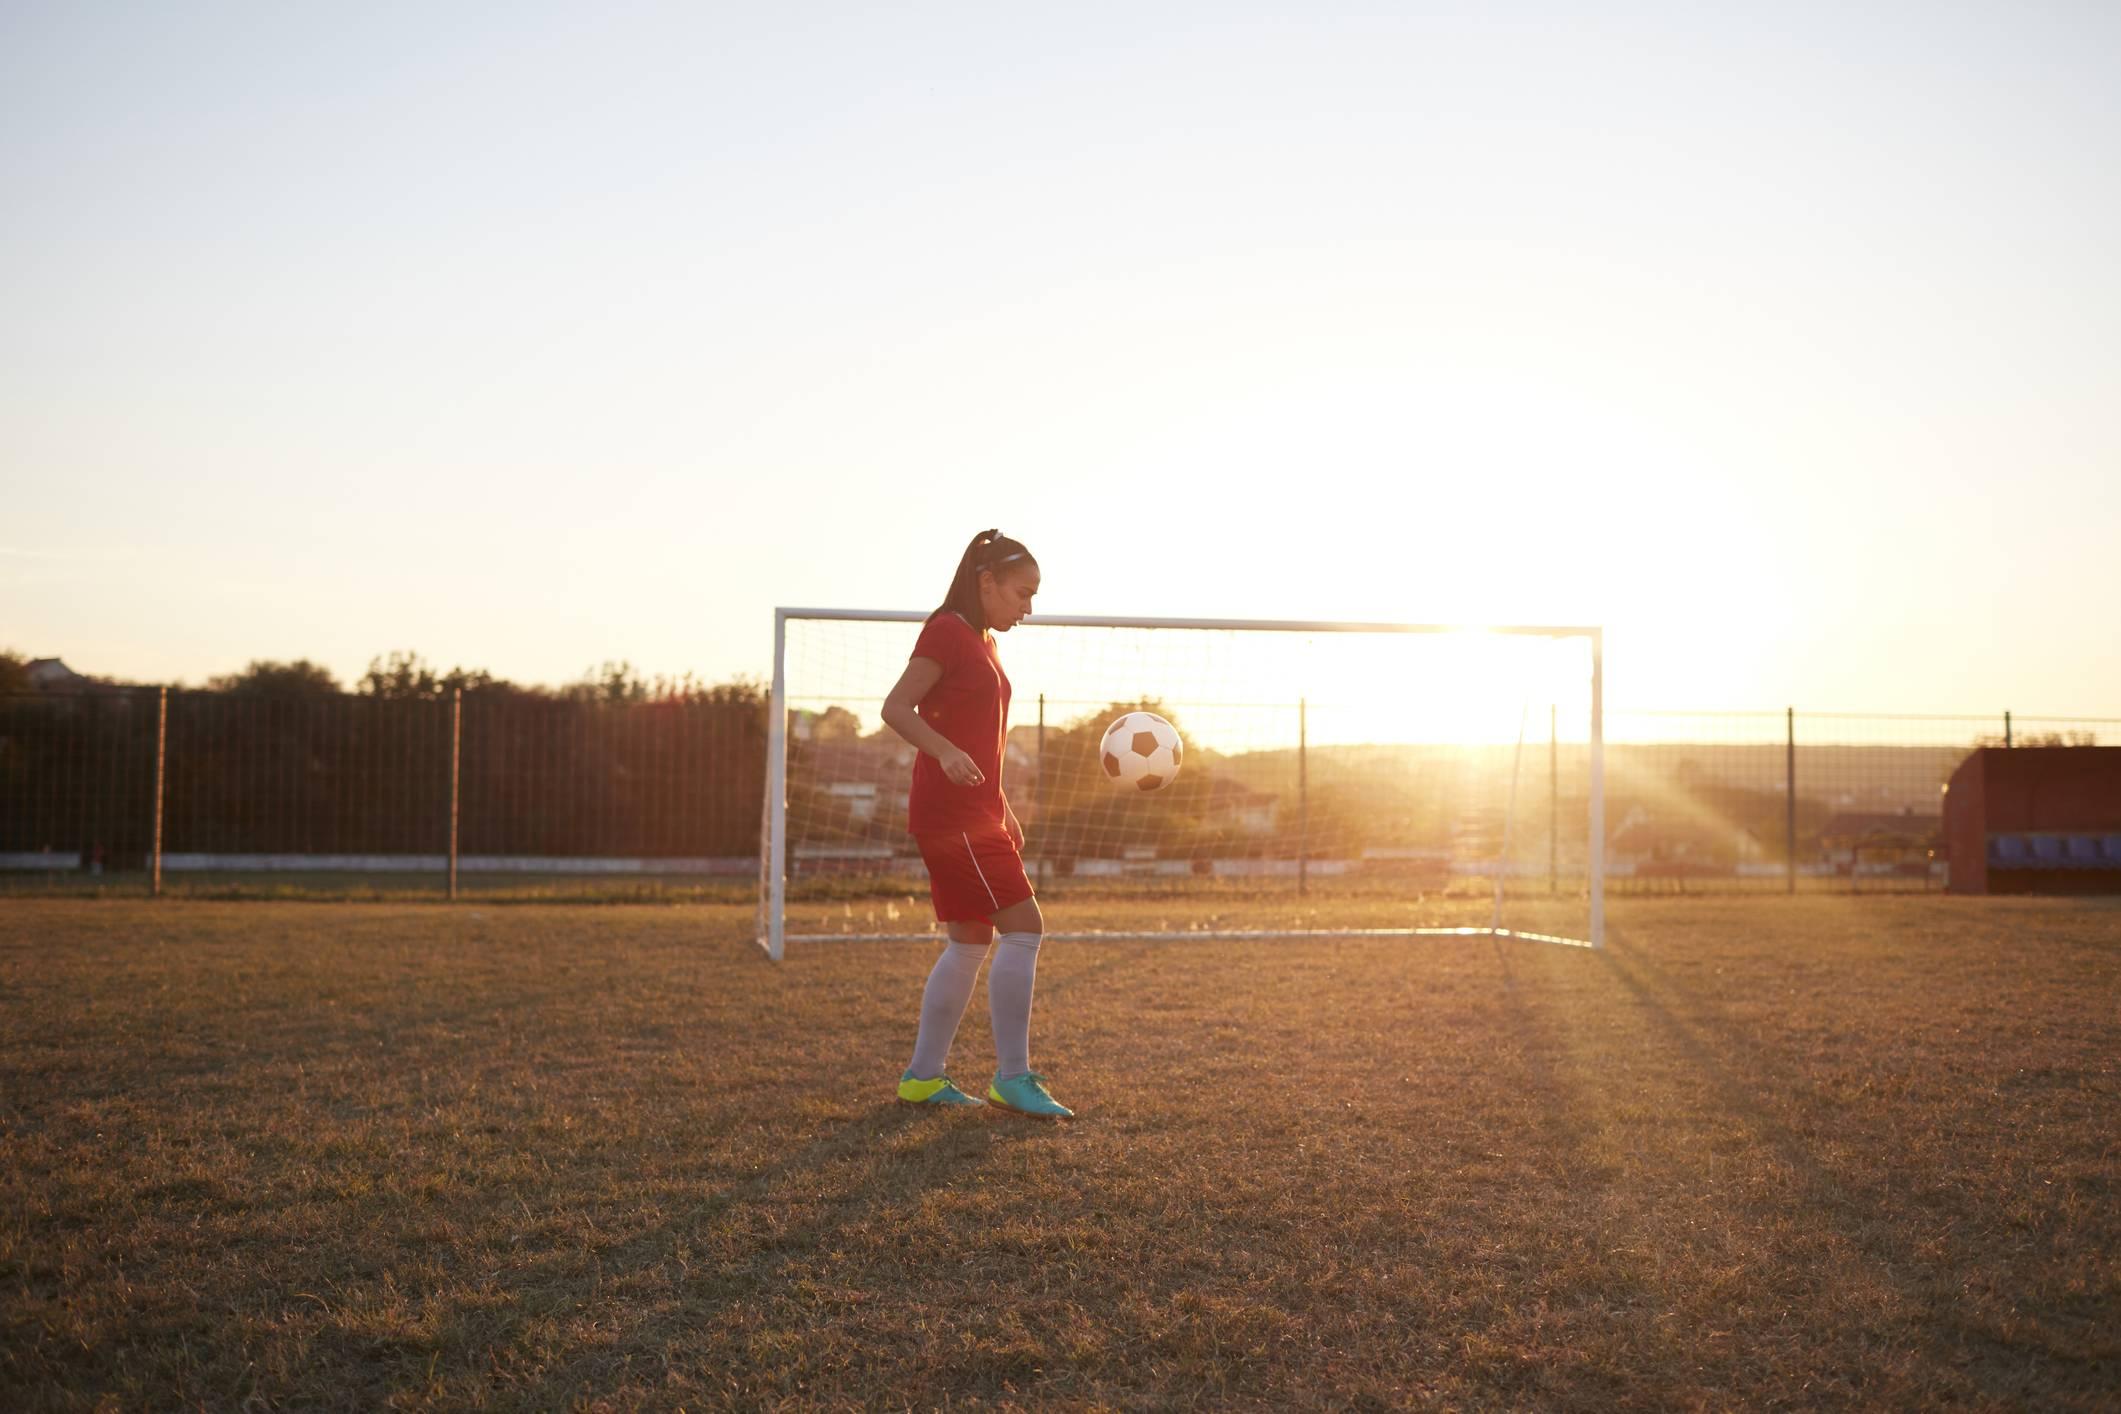 www.juicysantos.com.br - futebol feminino - menina jogando futebol em gramado ao por do sol